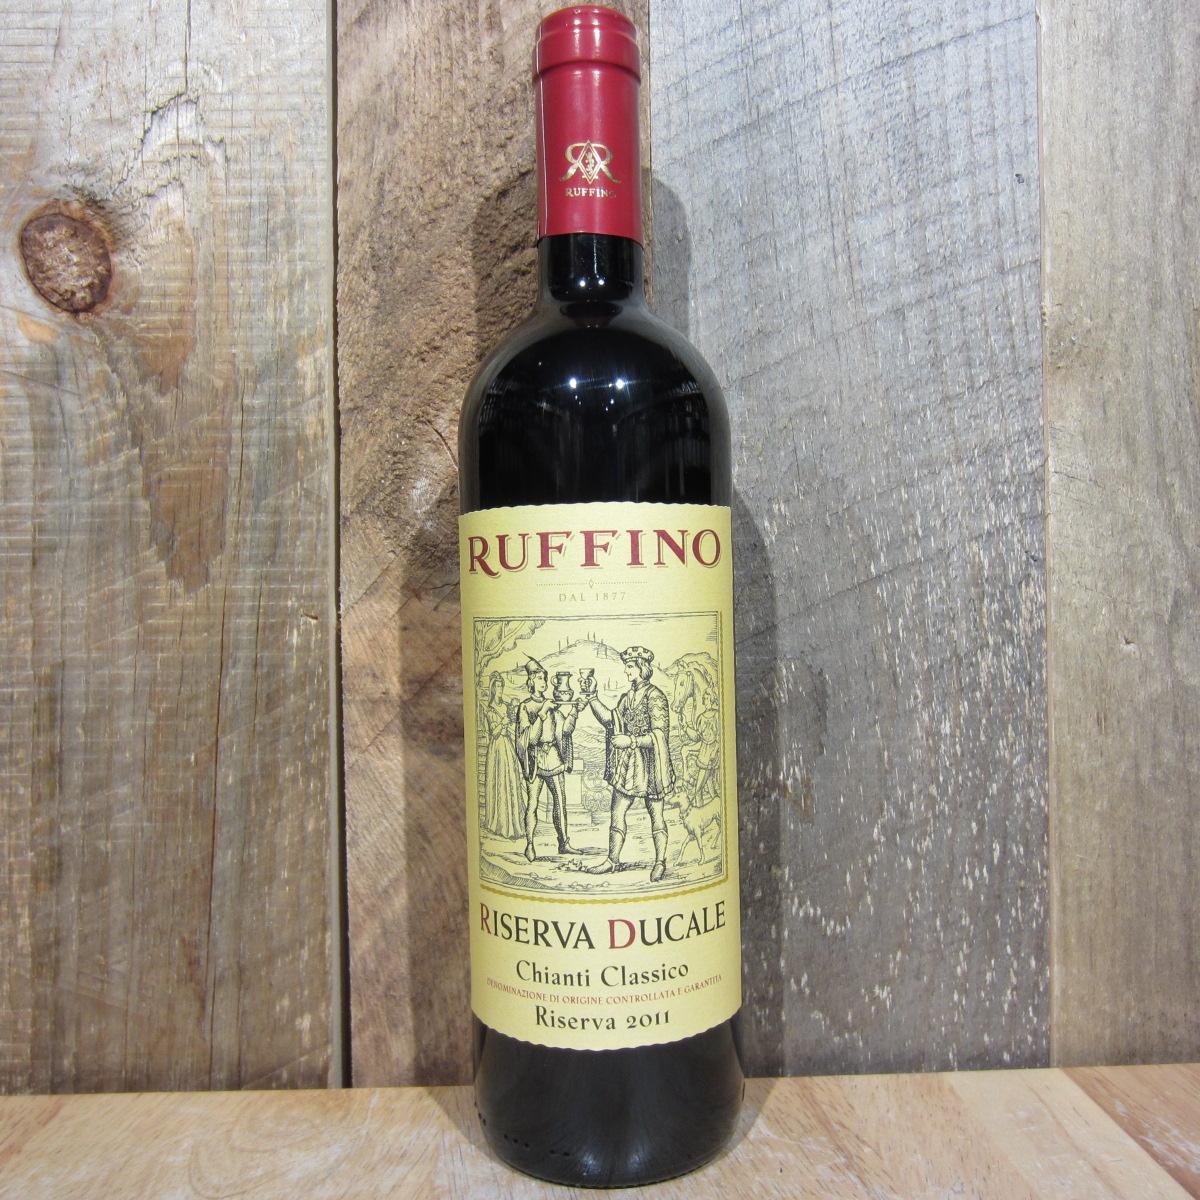 Ruffino Chianti Classico Riserva Ducale Tan 750ml